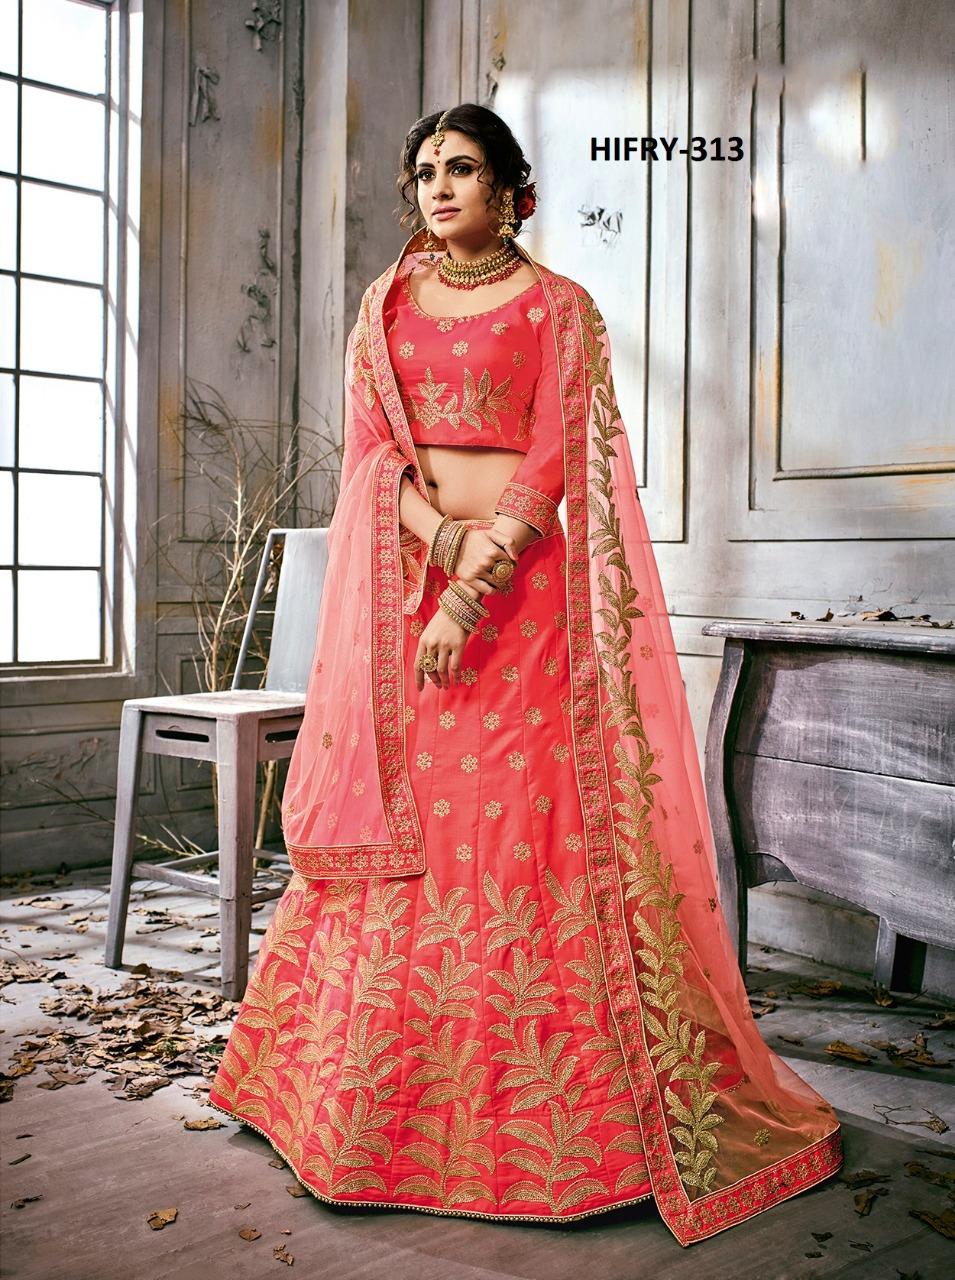 Hitansh Fashion Fairy Designer Lehenga H 313